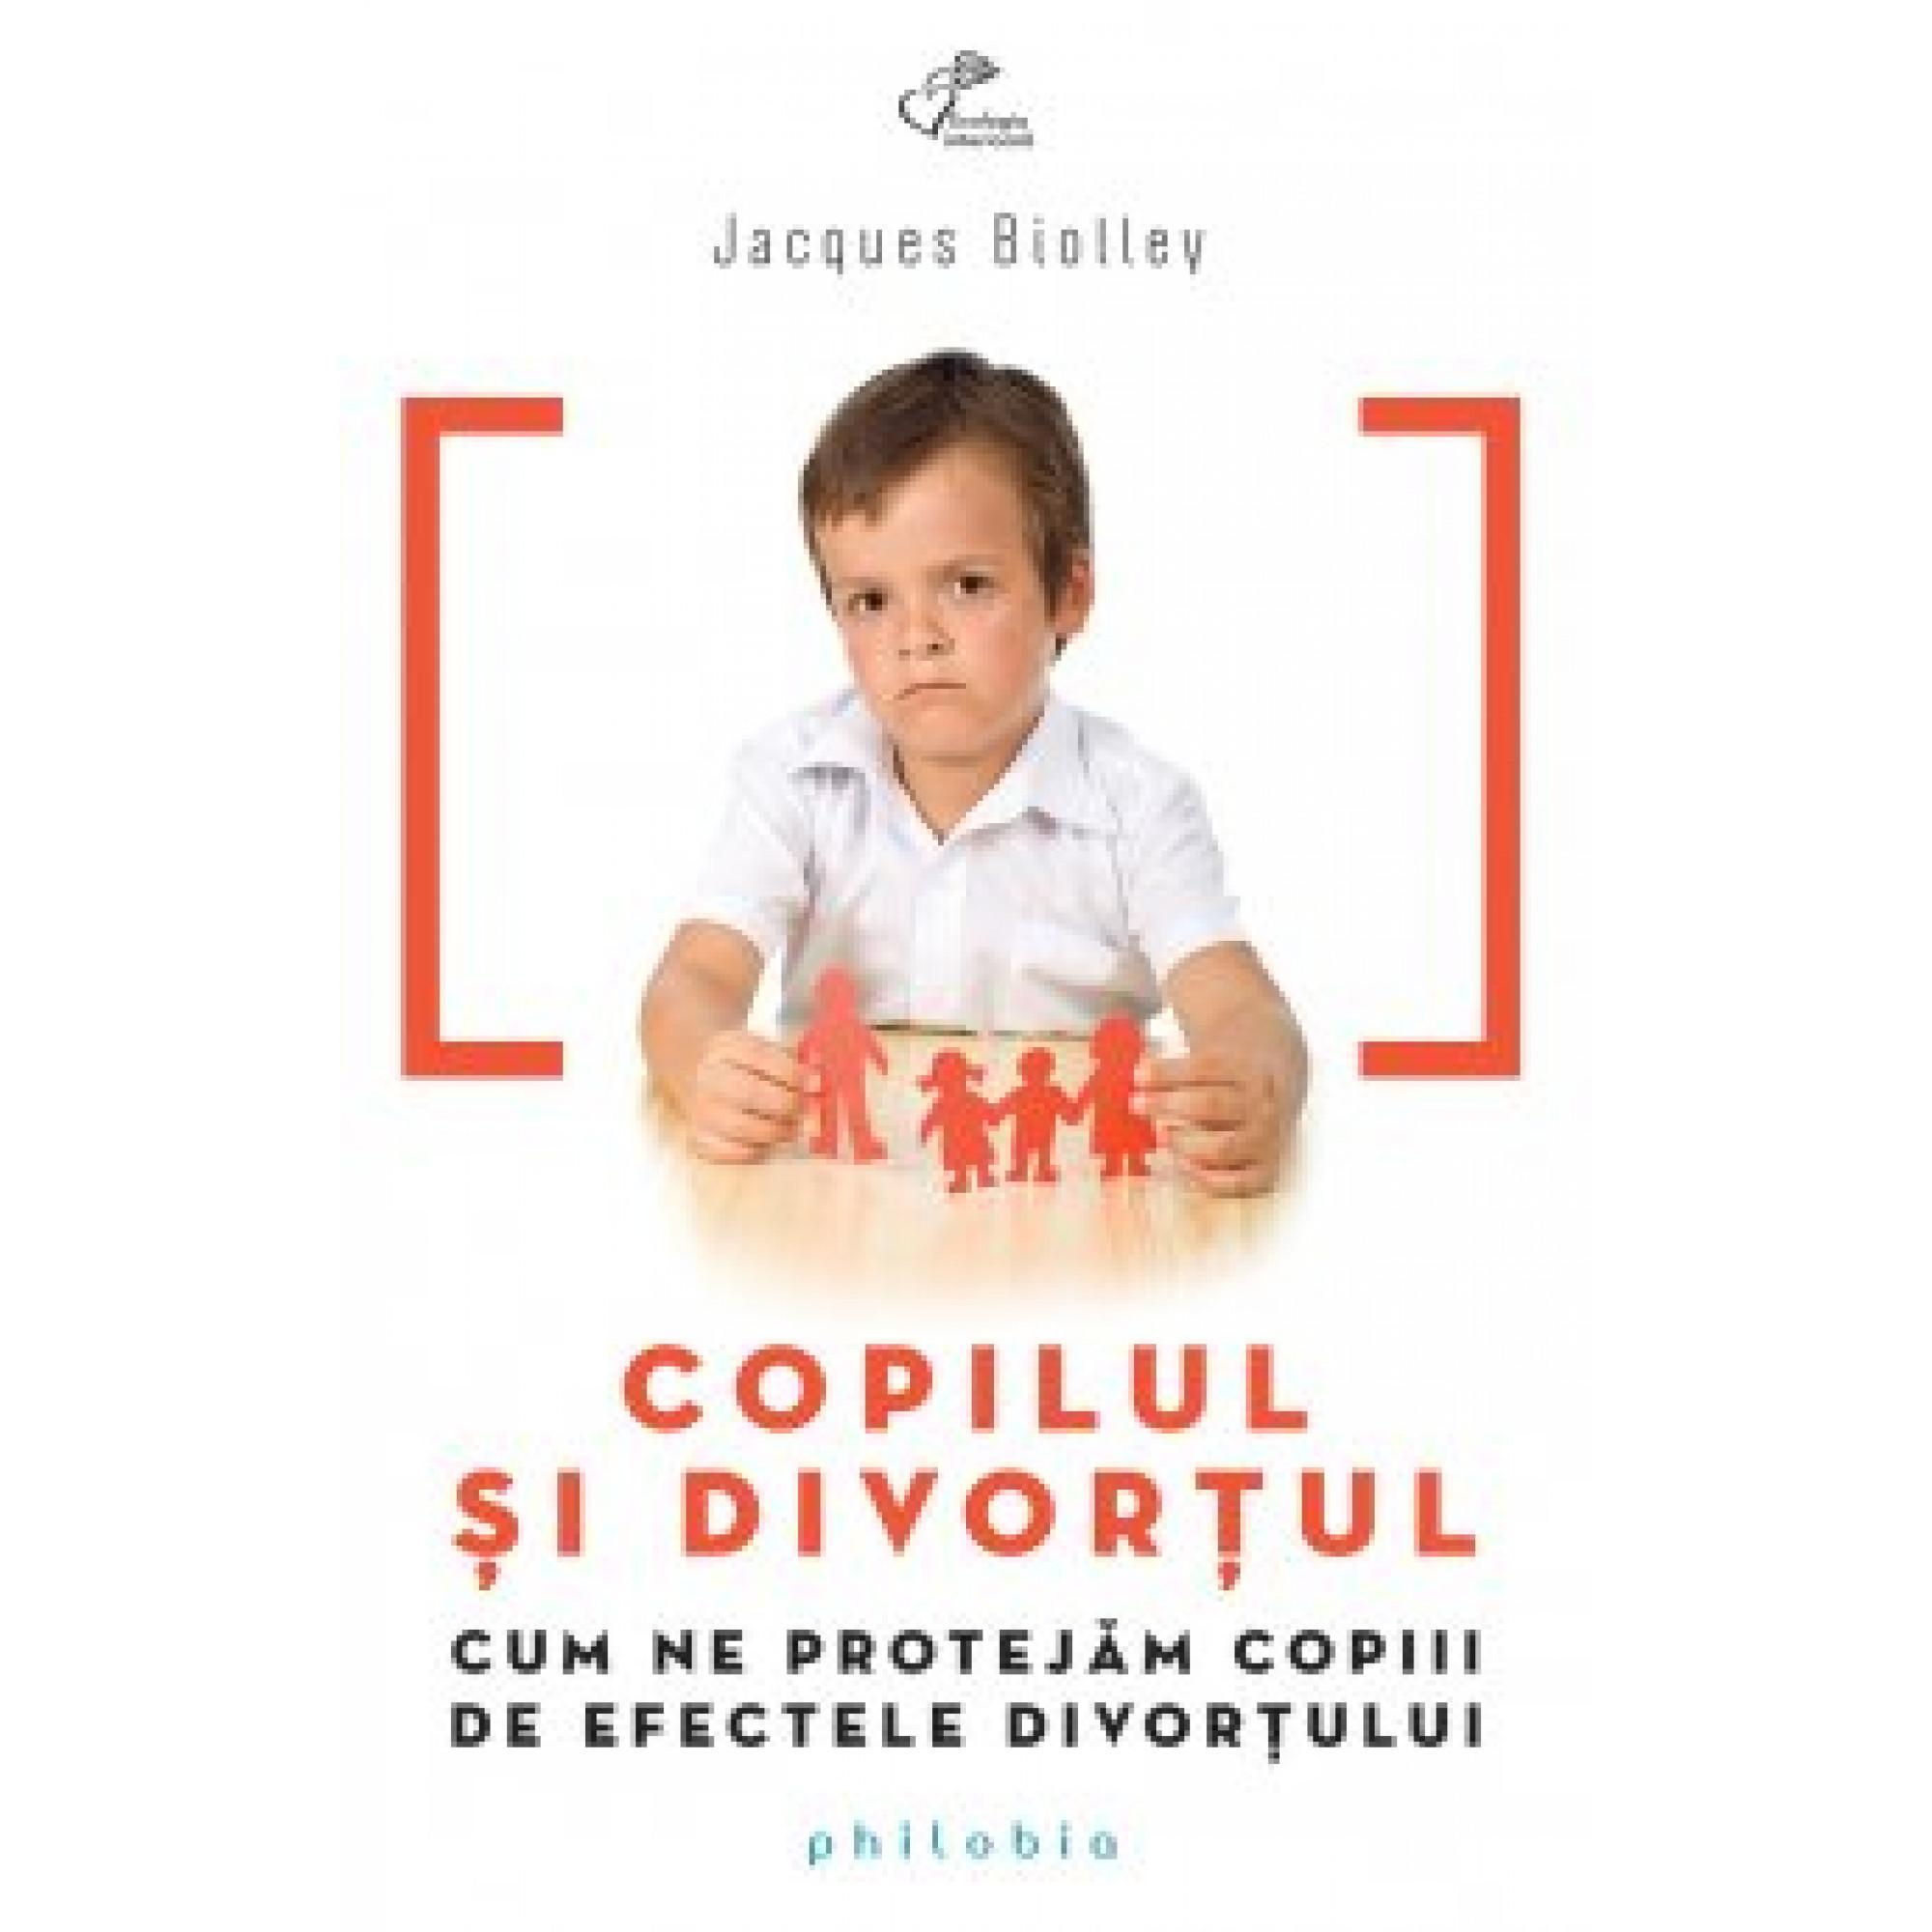 Copilul și divorțul